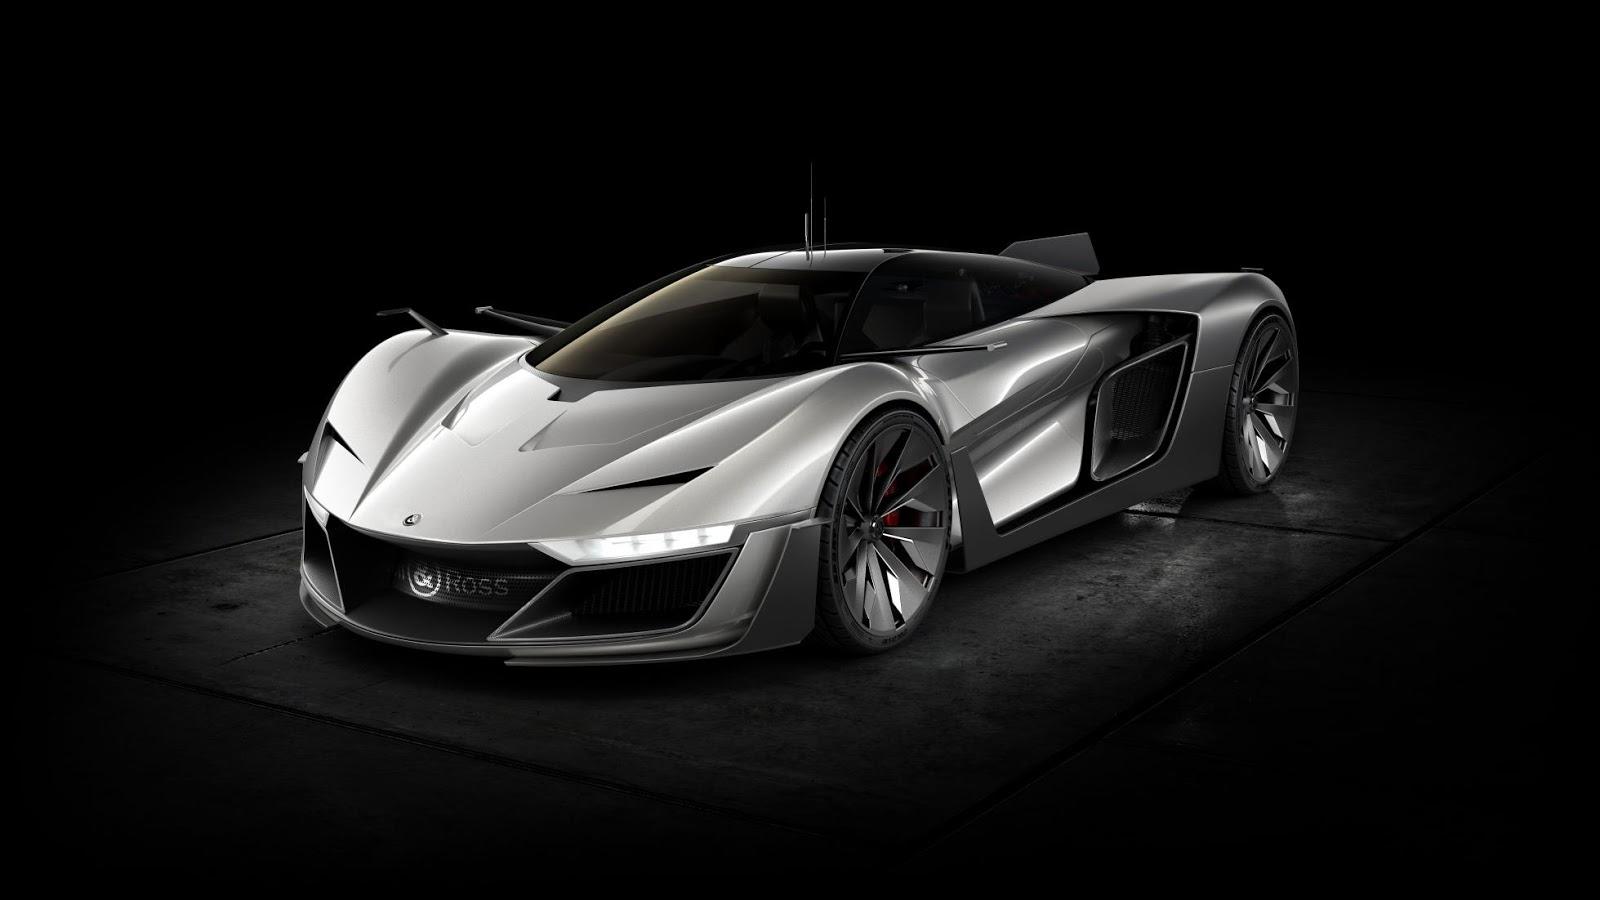 Siêu xe Aero GT Concept 610 mã lực được thiết kế bởi thợ sửa đồng hồ